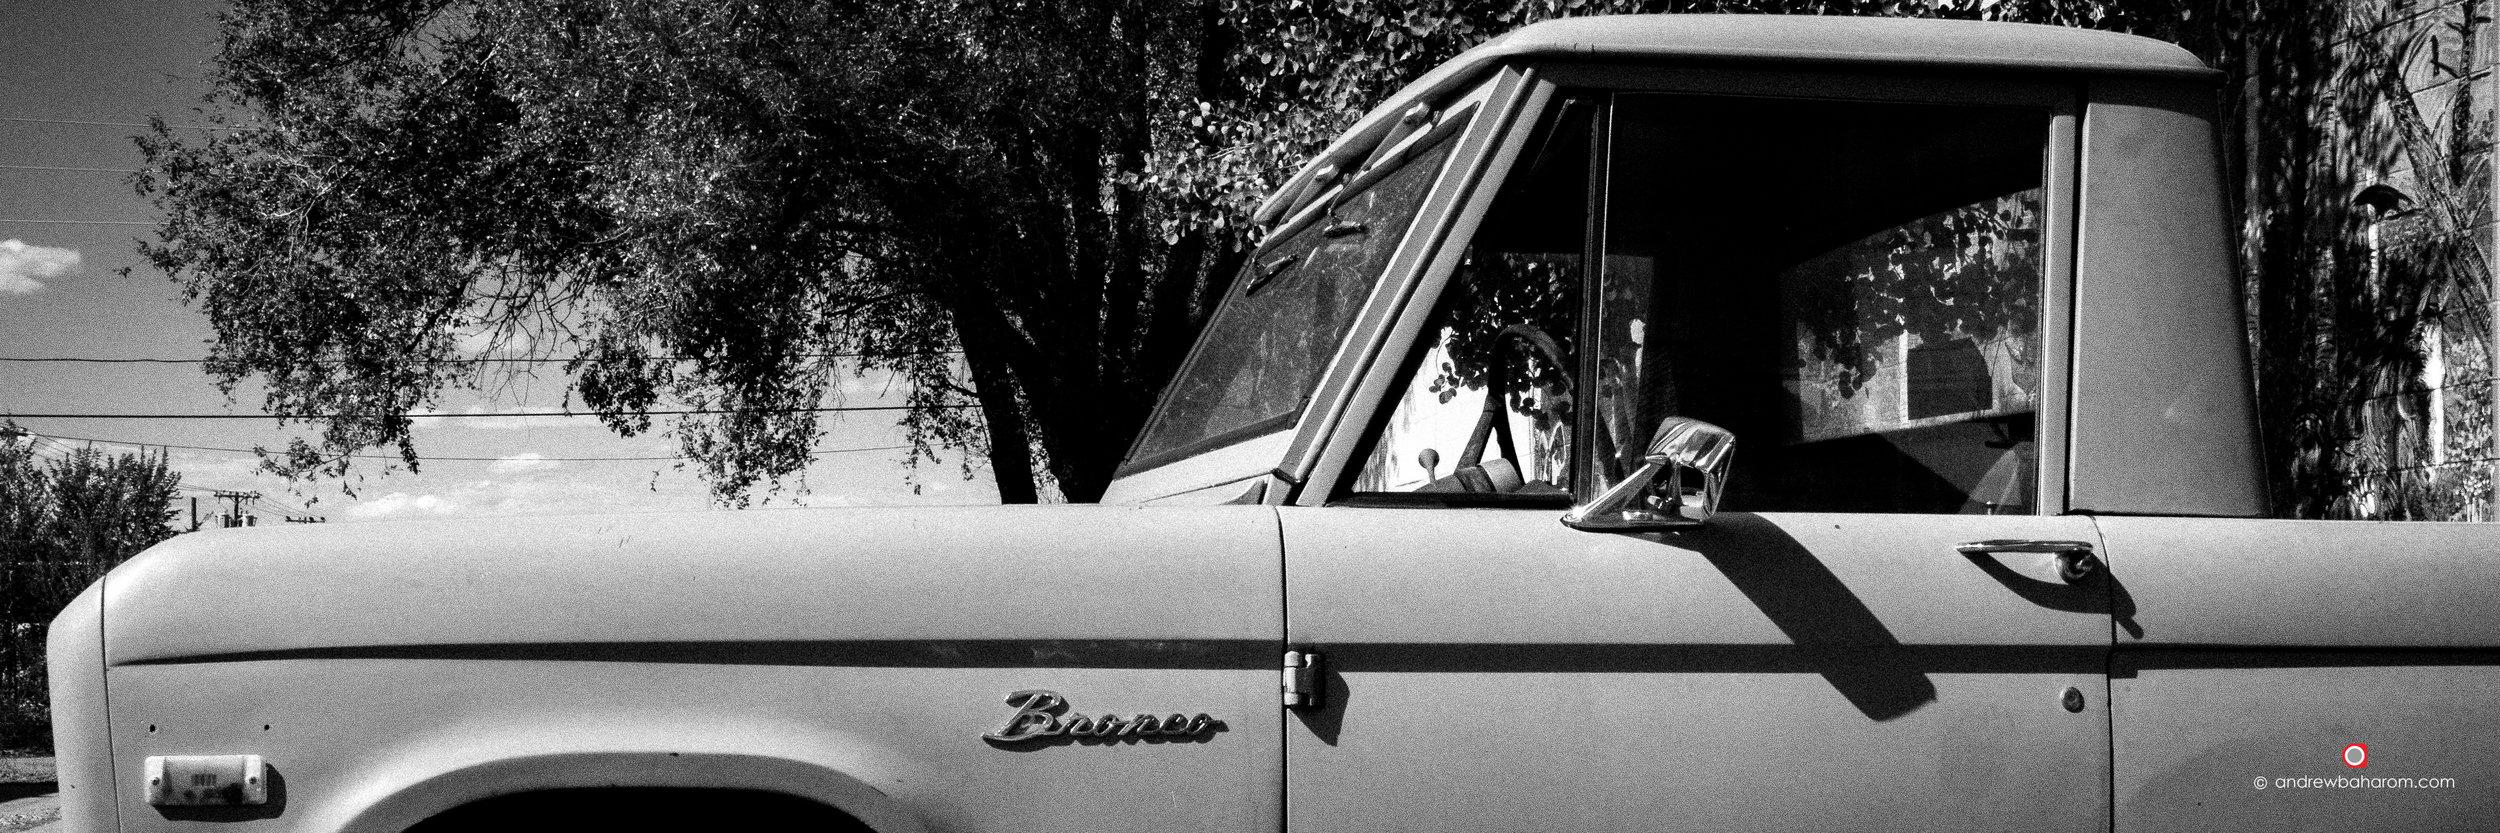 Ford Bronco B&W.jpg